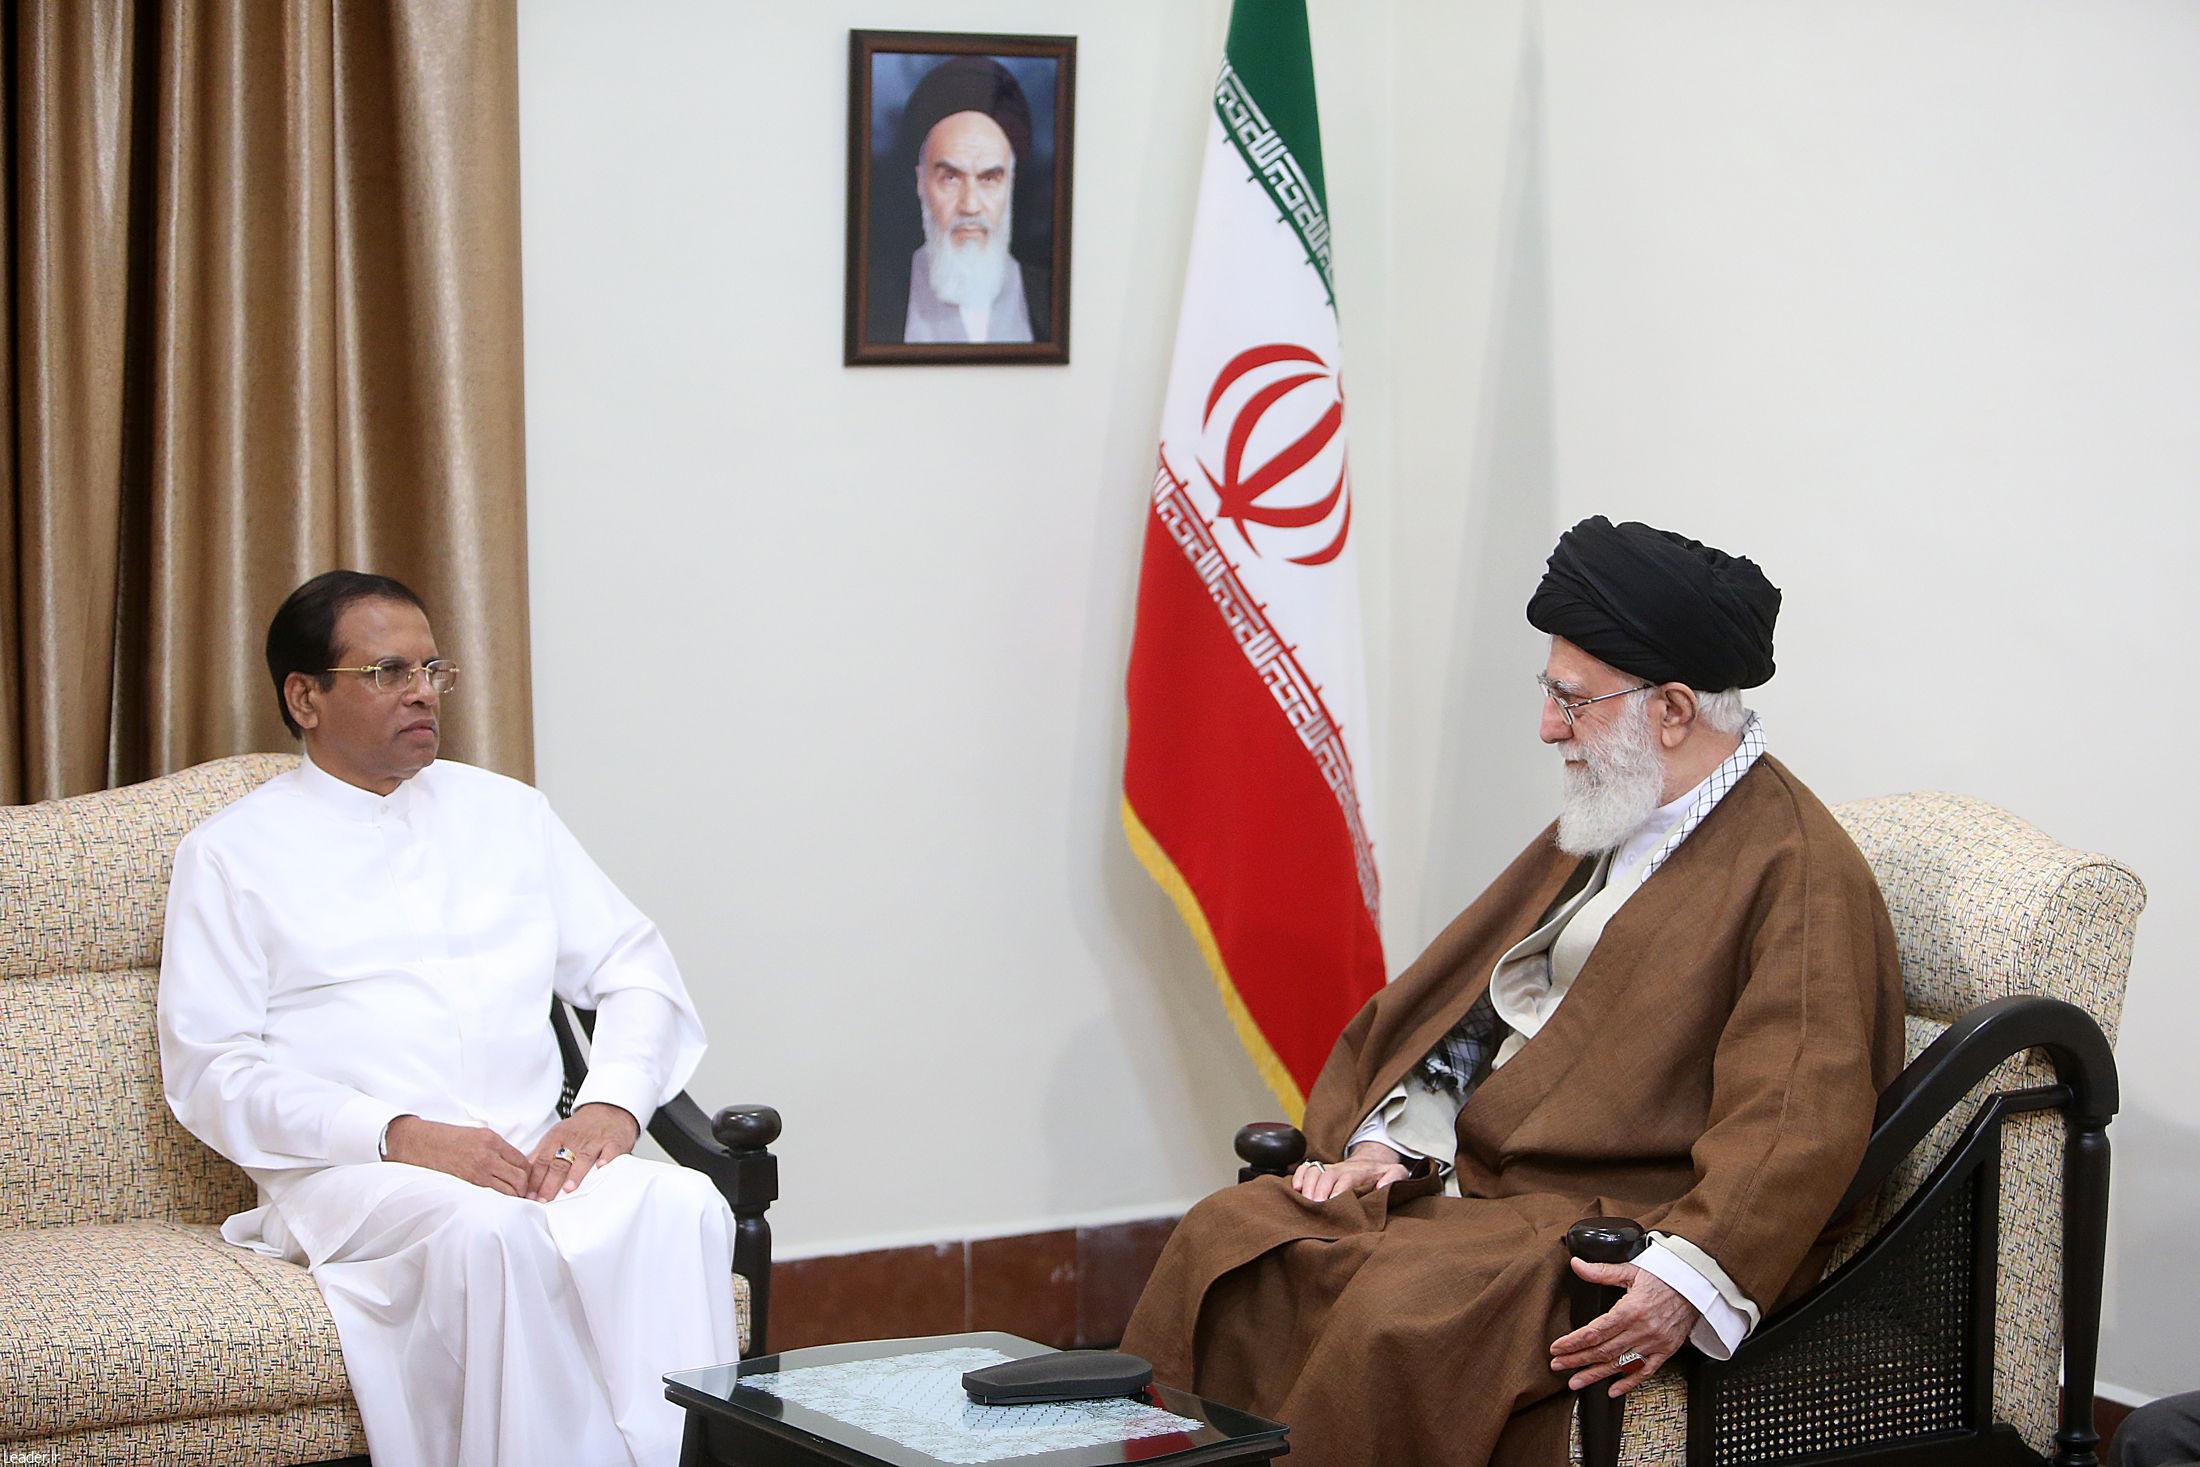 رئیس جمهور سریلانکا با معظم انقلاب دیدار کرد